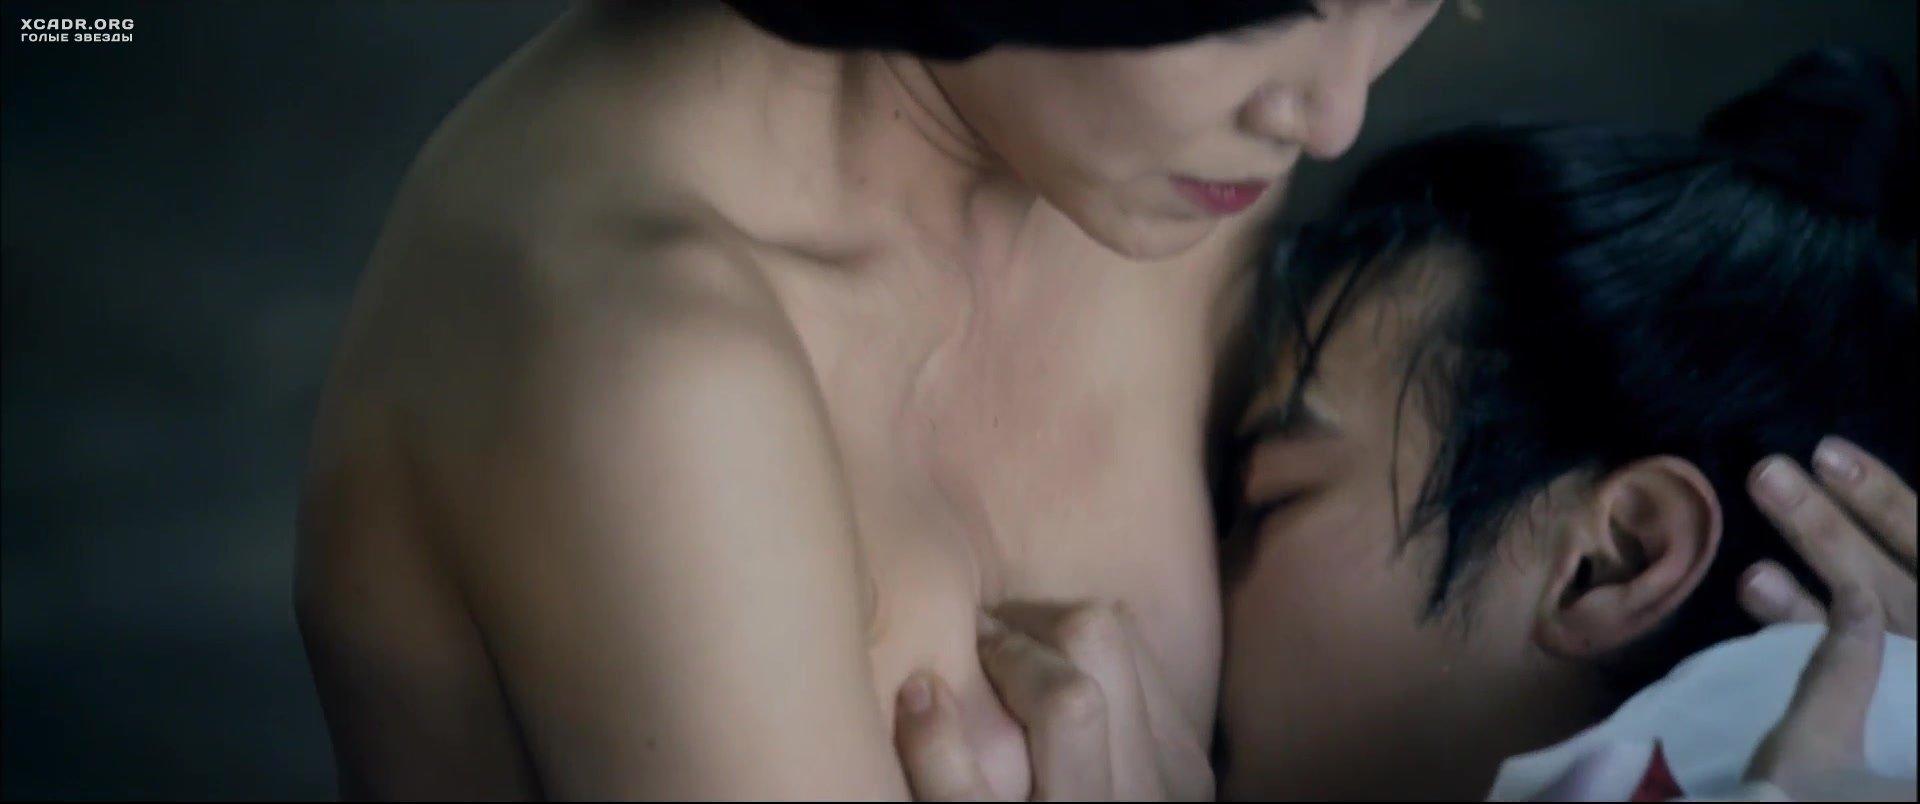 тема, приму участие. секс с красивой и нежной брюнеткой смотреть онлайн это забавное сообщение считаю